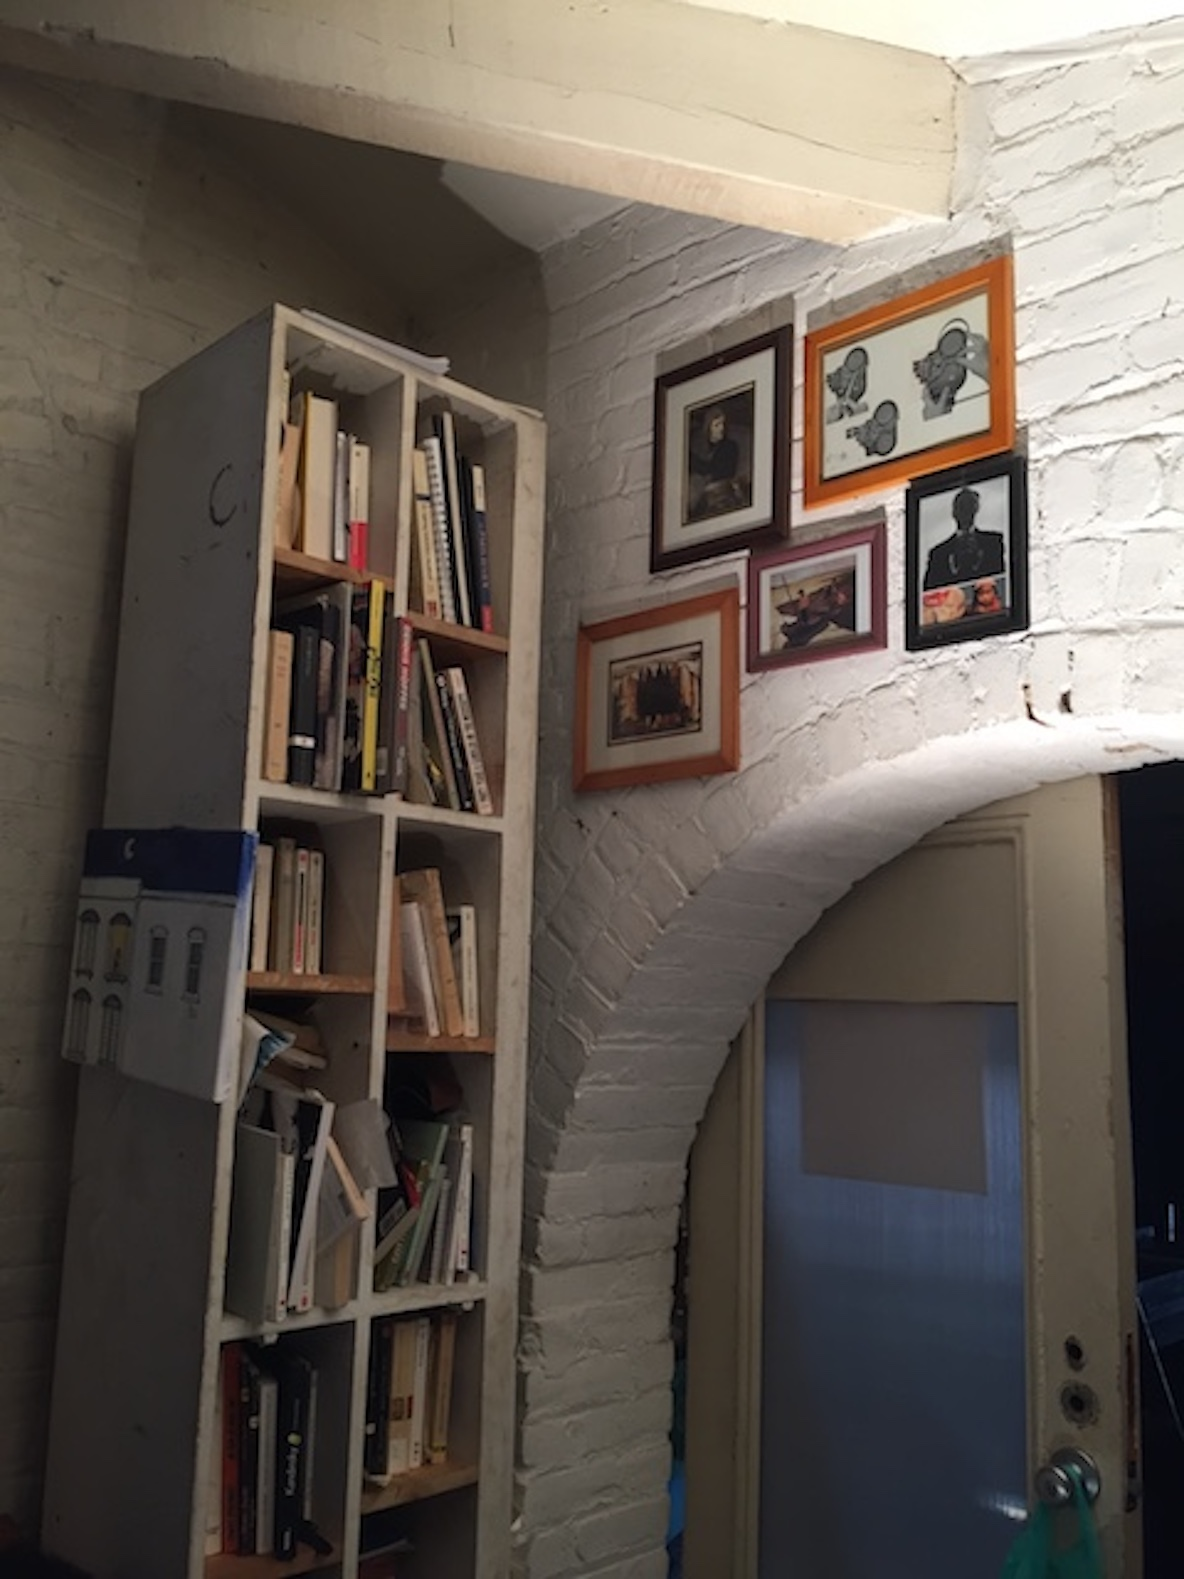 11人のアーティストが暮らす、ニューヨーク・ブルックリンのアートな本棚